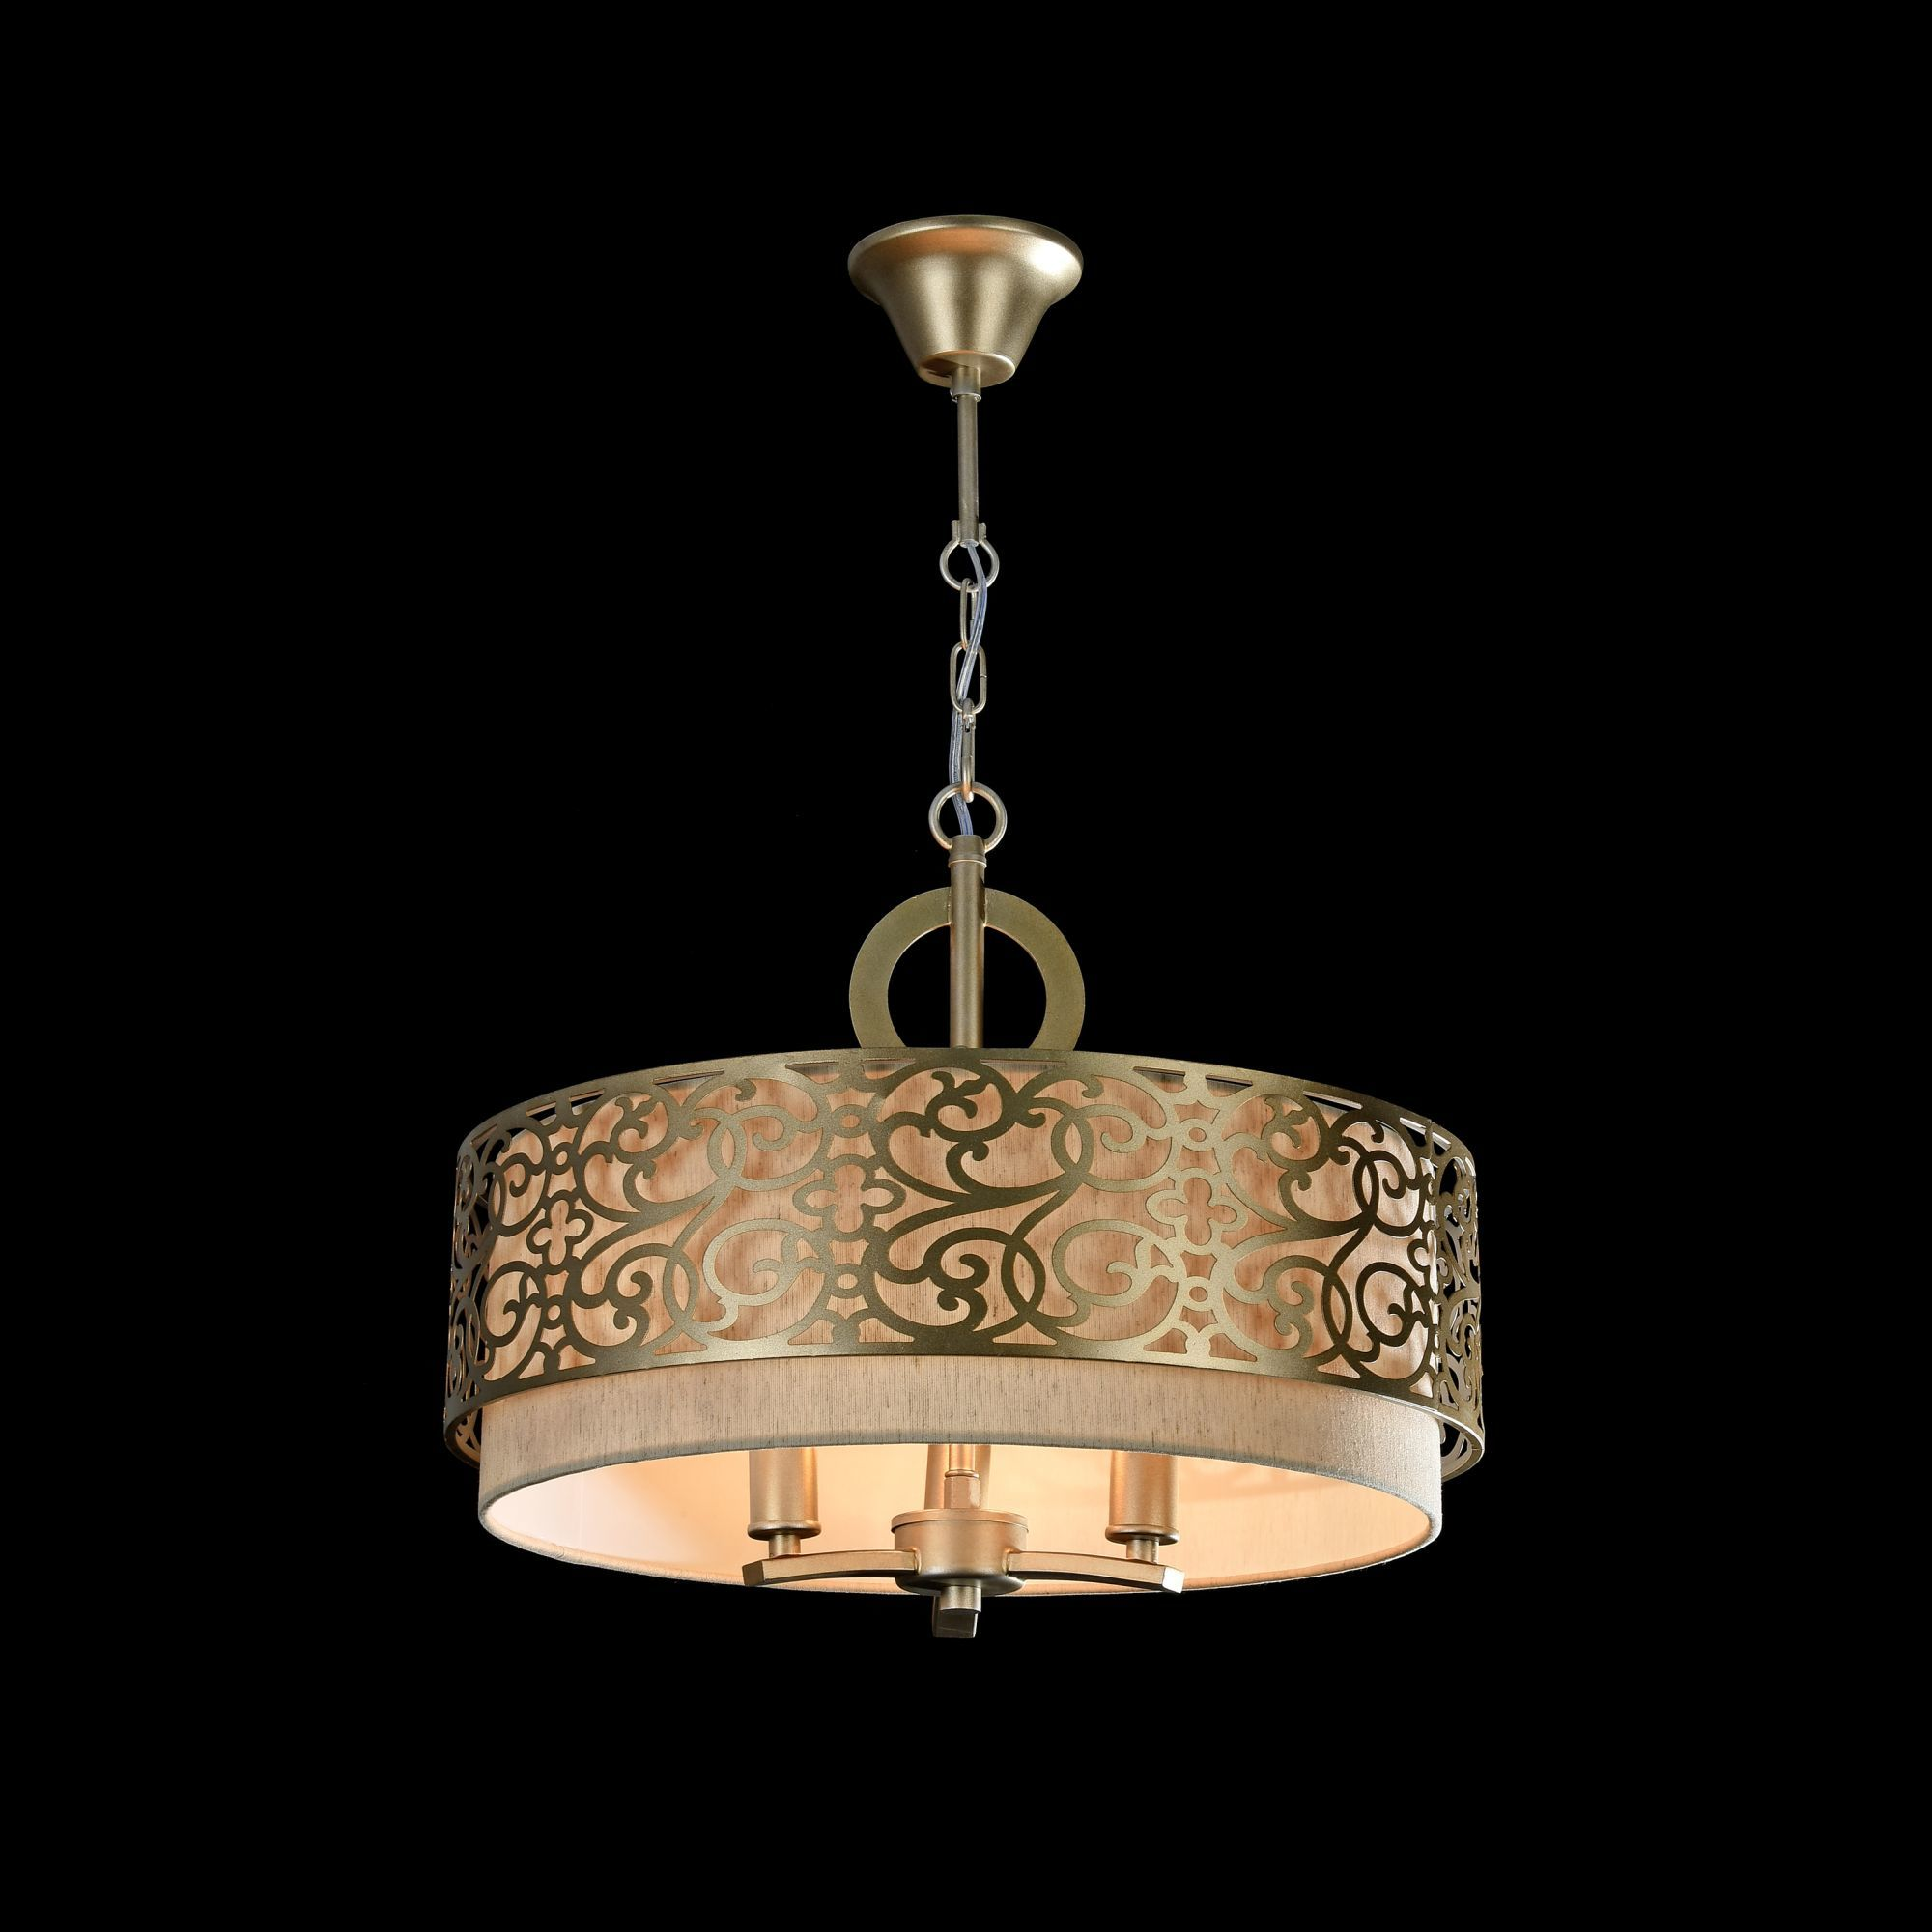 Подвесная люстра Maytoni Classic House Venera H260-03-N, 3xE14x40W, бронза, металл, металл с текстилем, текстиль с металлом - фото 4